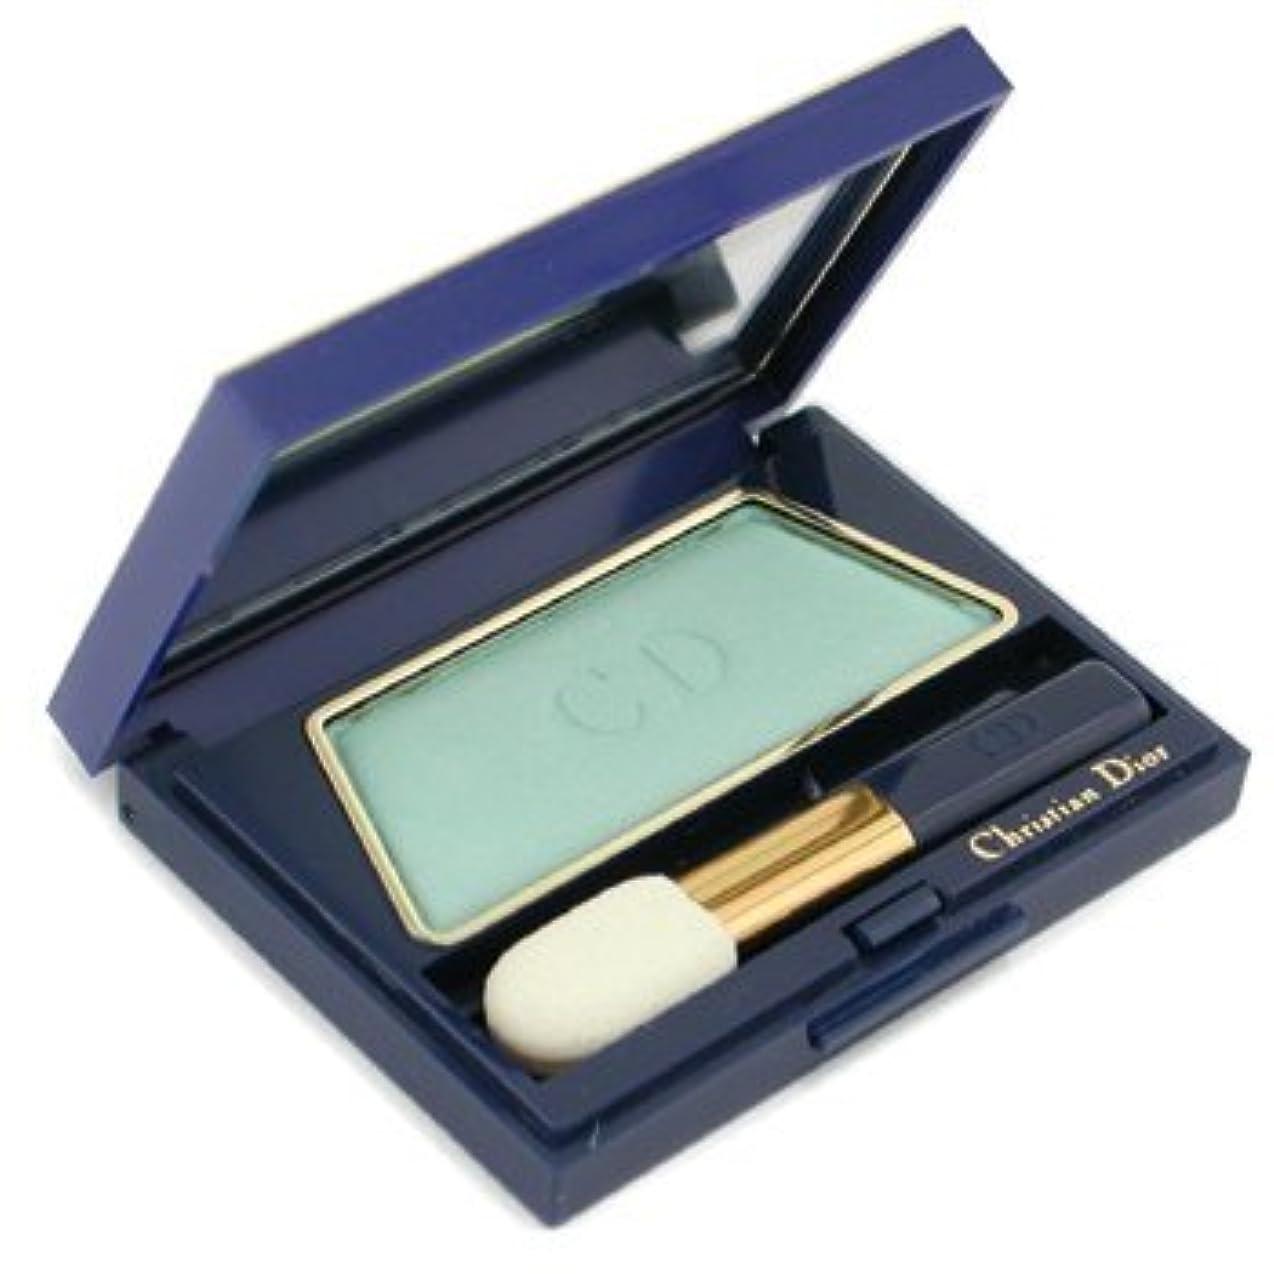 ほこり暫定裕福なChristian Dior Solo Dior Eyeshadow 422 Dewy Green(ソロ ディオール アイシャドウ 422 ドゥーイグリーン)[海外直送品] [並行輸入品]